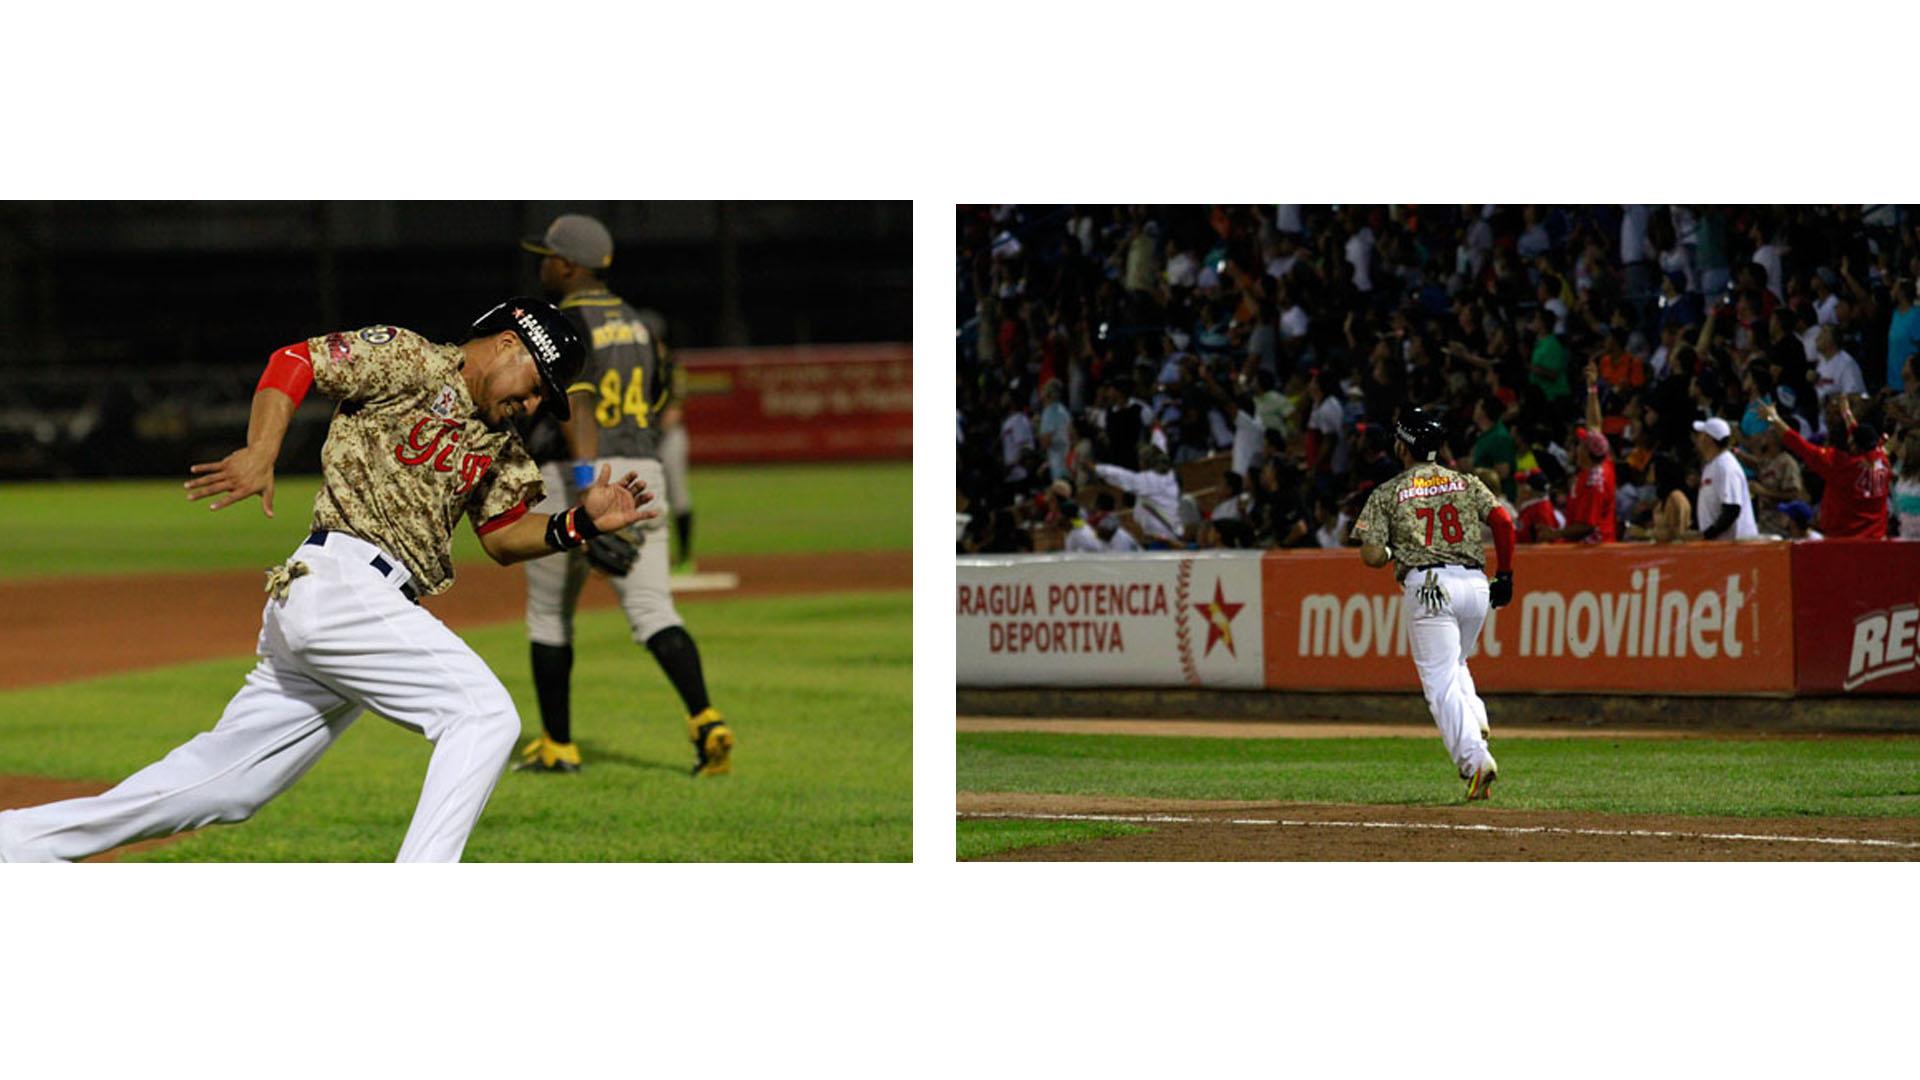 Los Tigres de Aragua vencieron a los Navegantes del Magallanes 2-6 con lo que se iguala el torneo 2-2